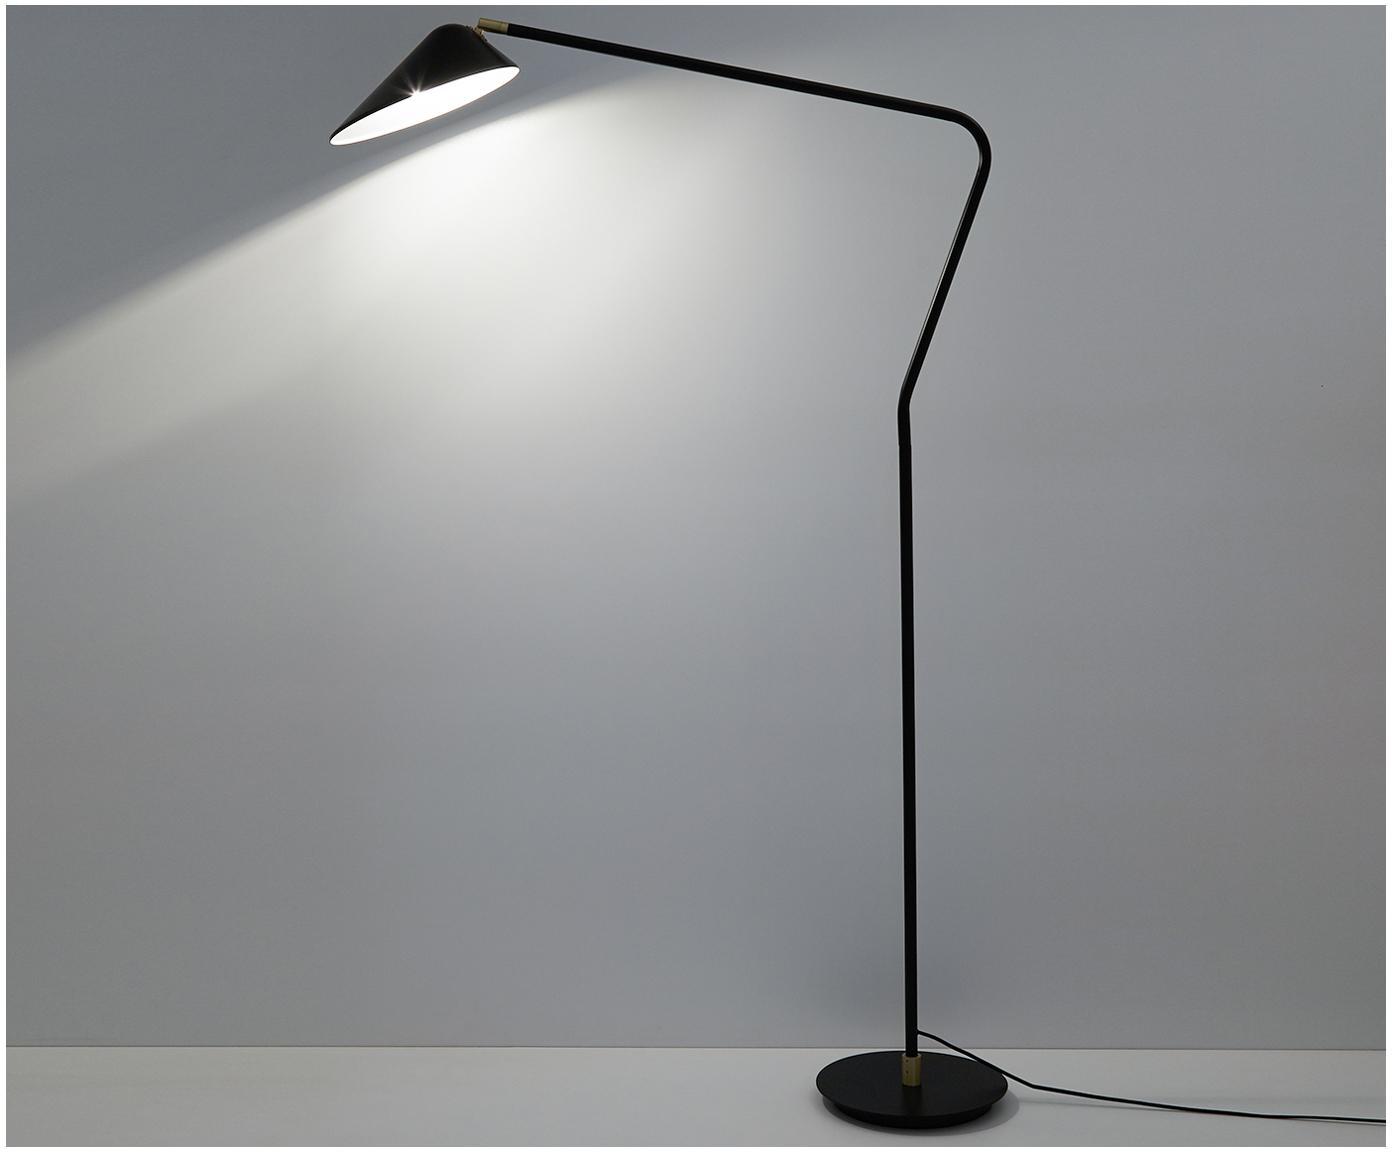 Lampa podłogowa Neron, Czarny, S 27 x W 171 cm